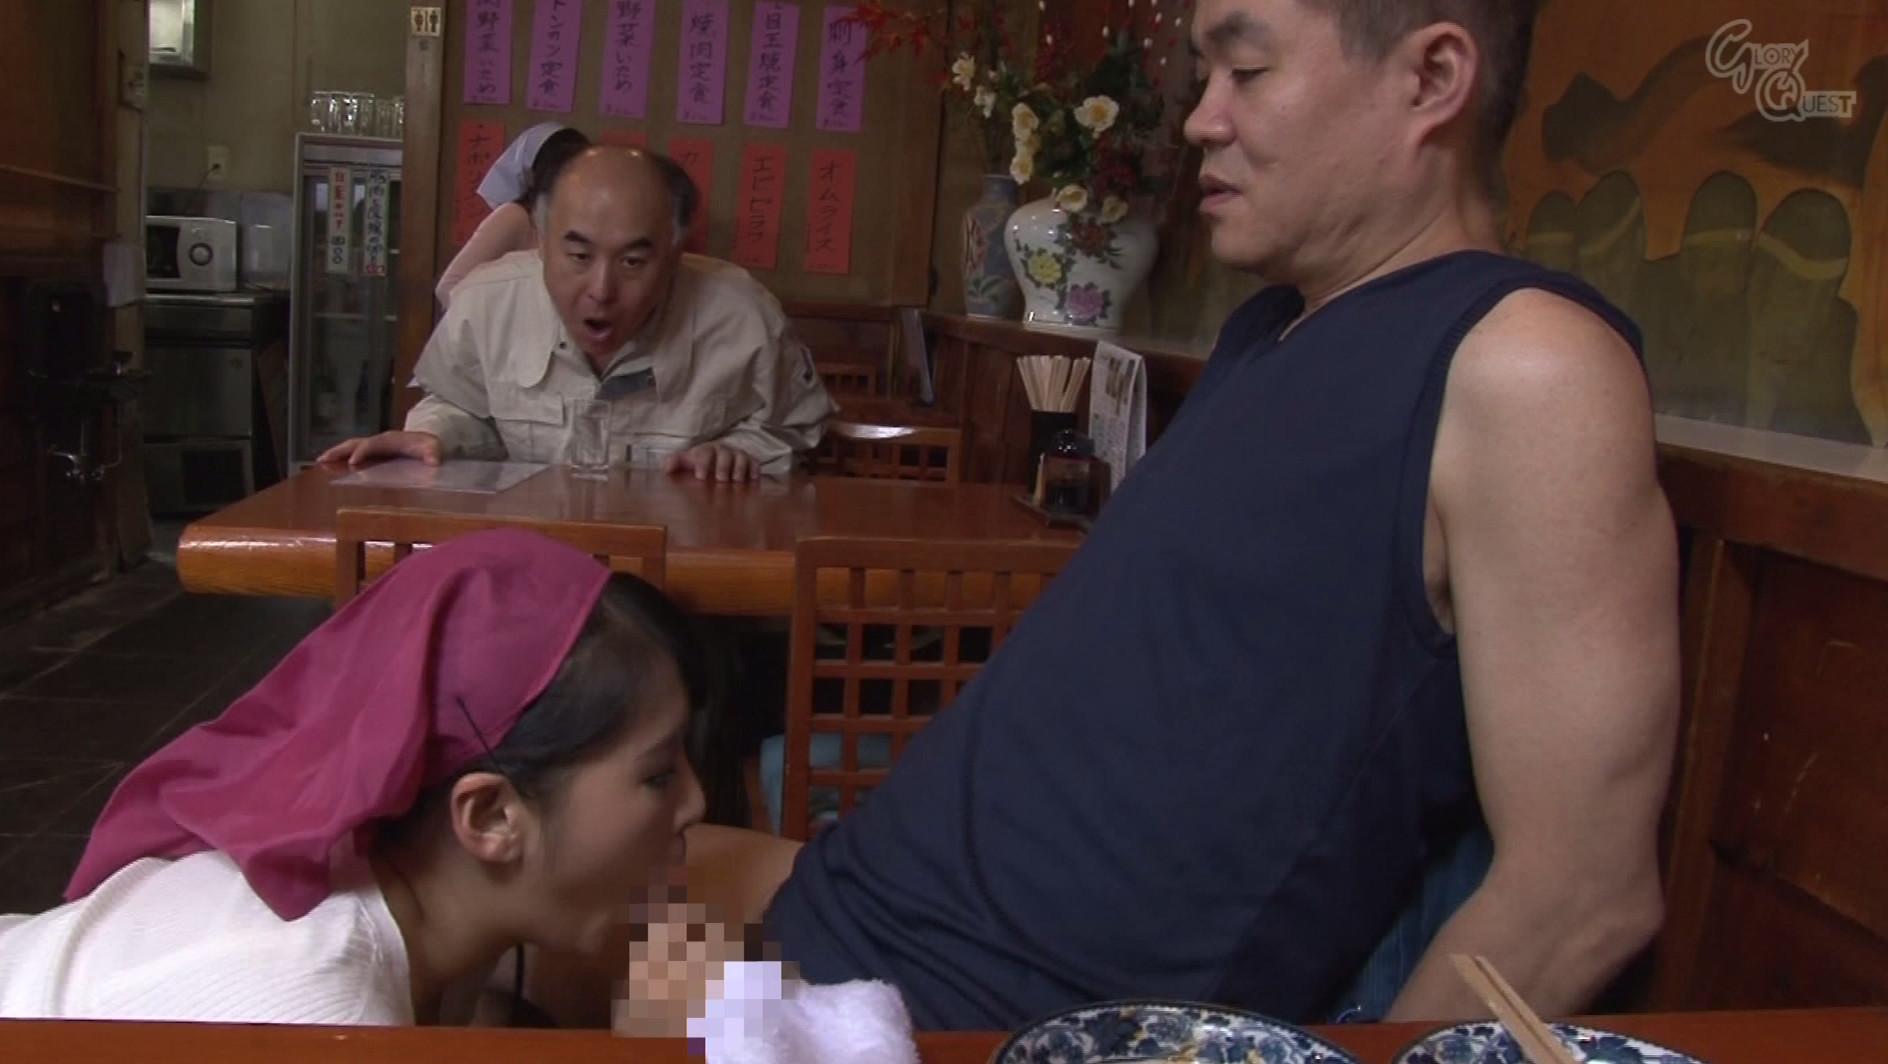 ベロチュー好きな巨乳人妻と中出しできる定食屋さん 春原未来 真木今日子 沖田奈々 画像4